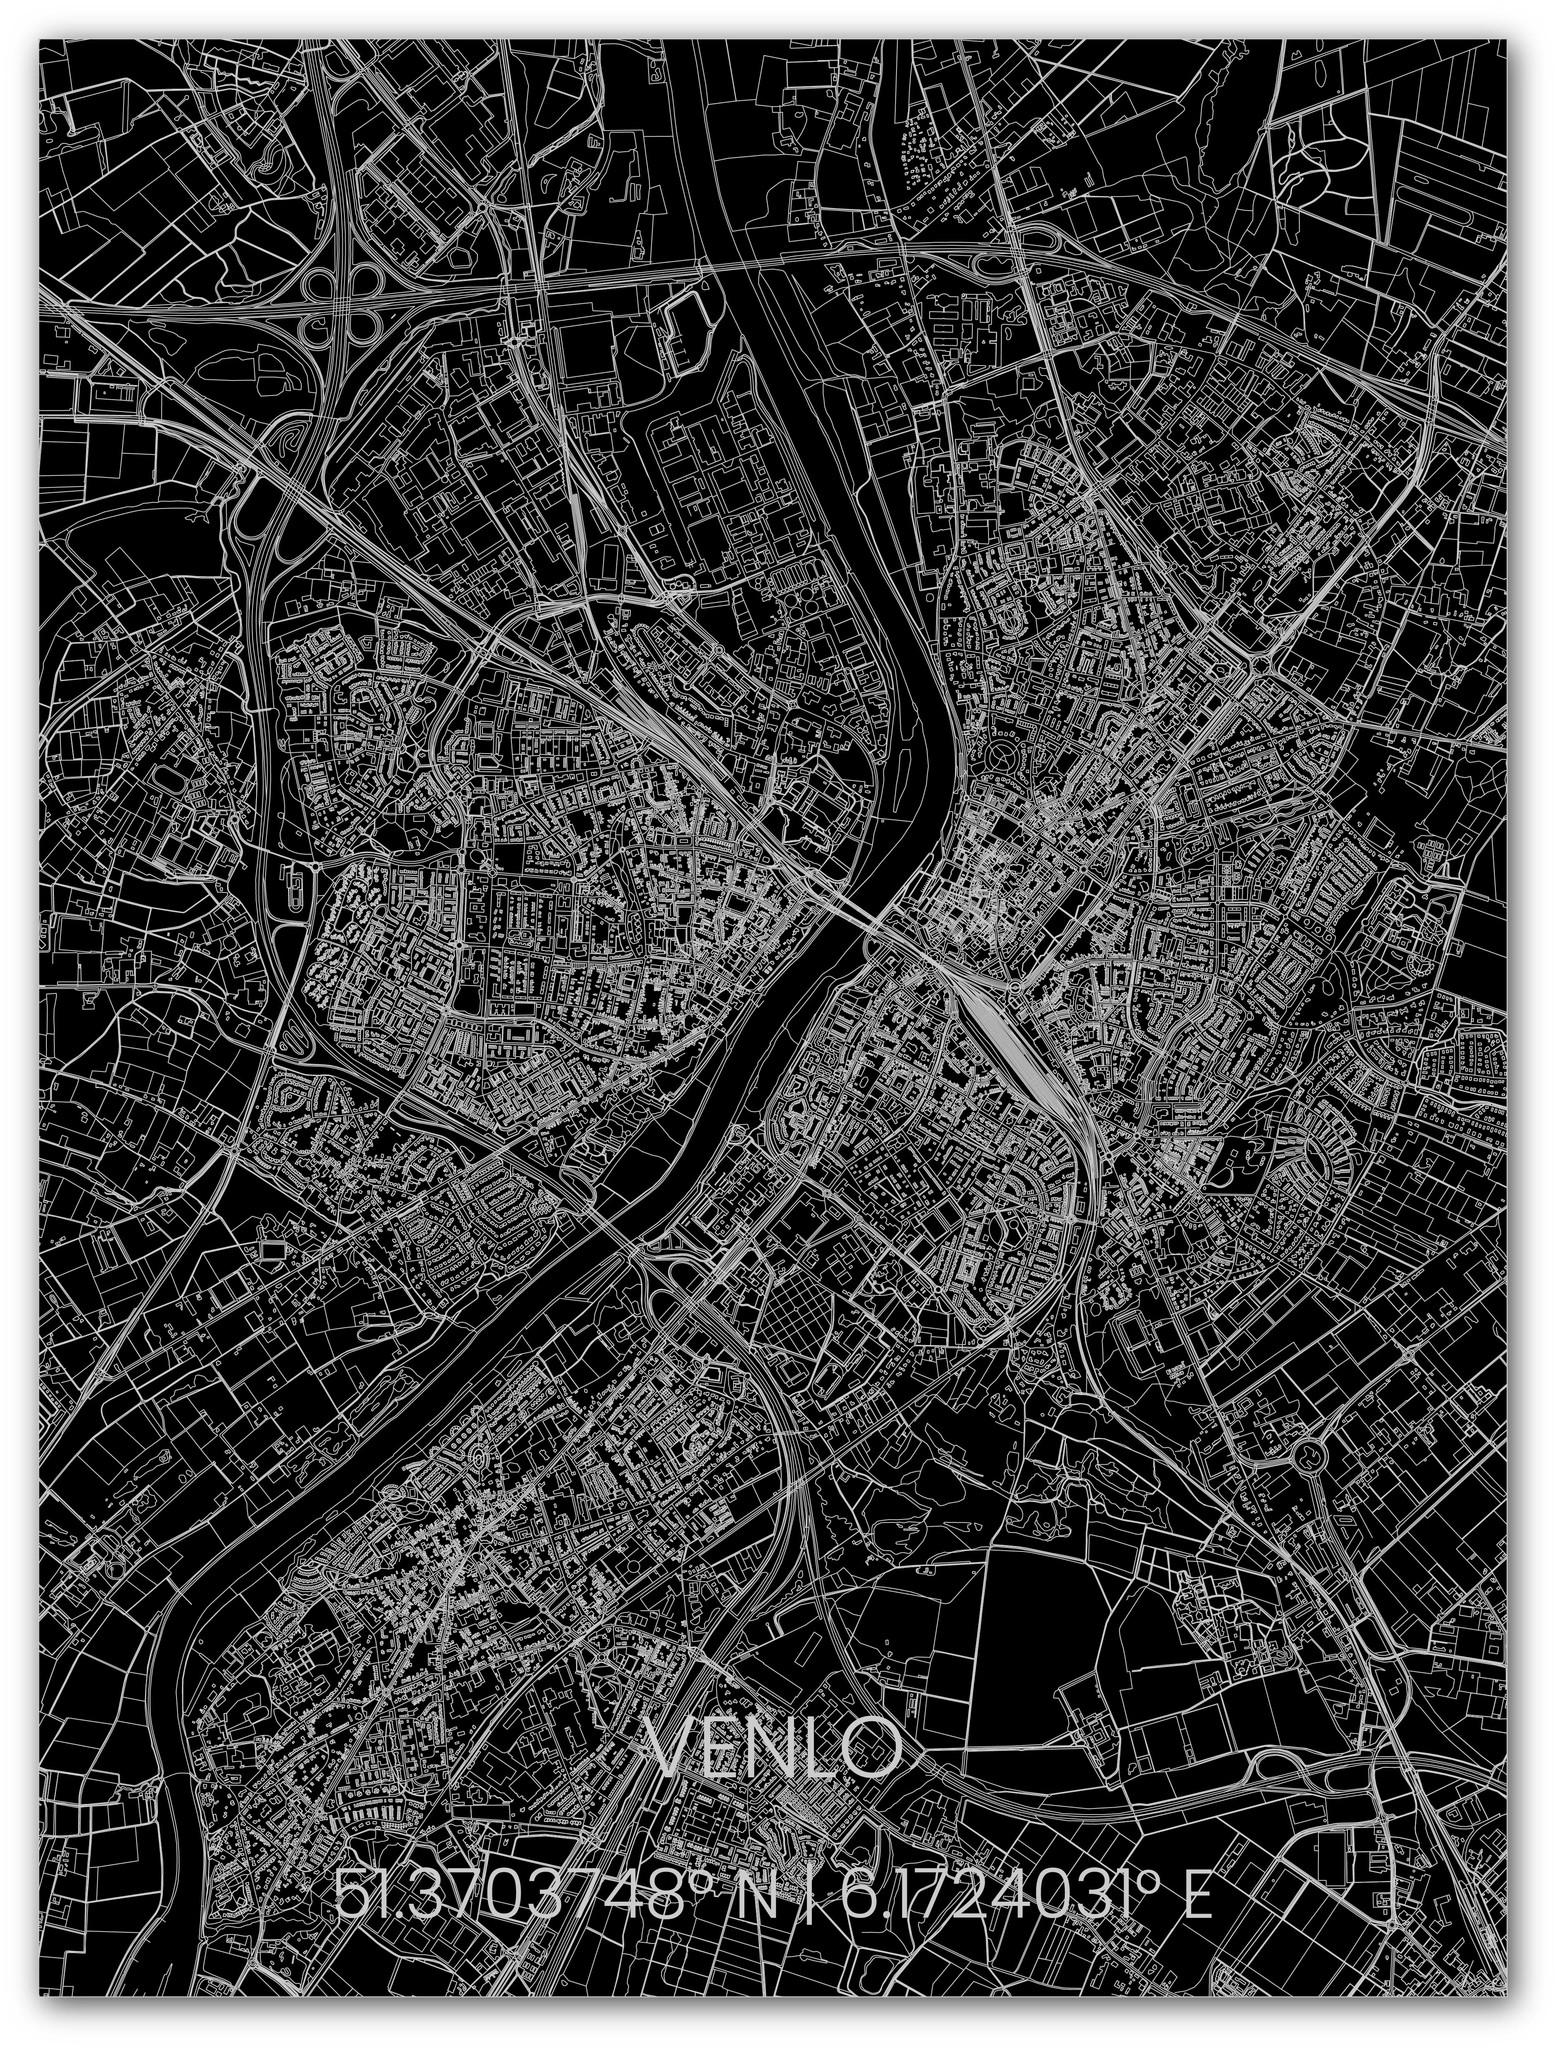 Metalen stadsplattegrond Venlo-1